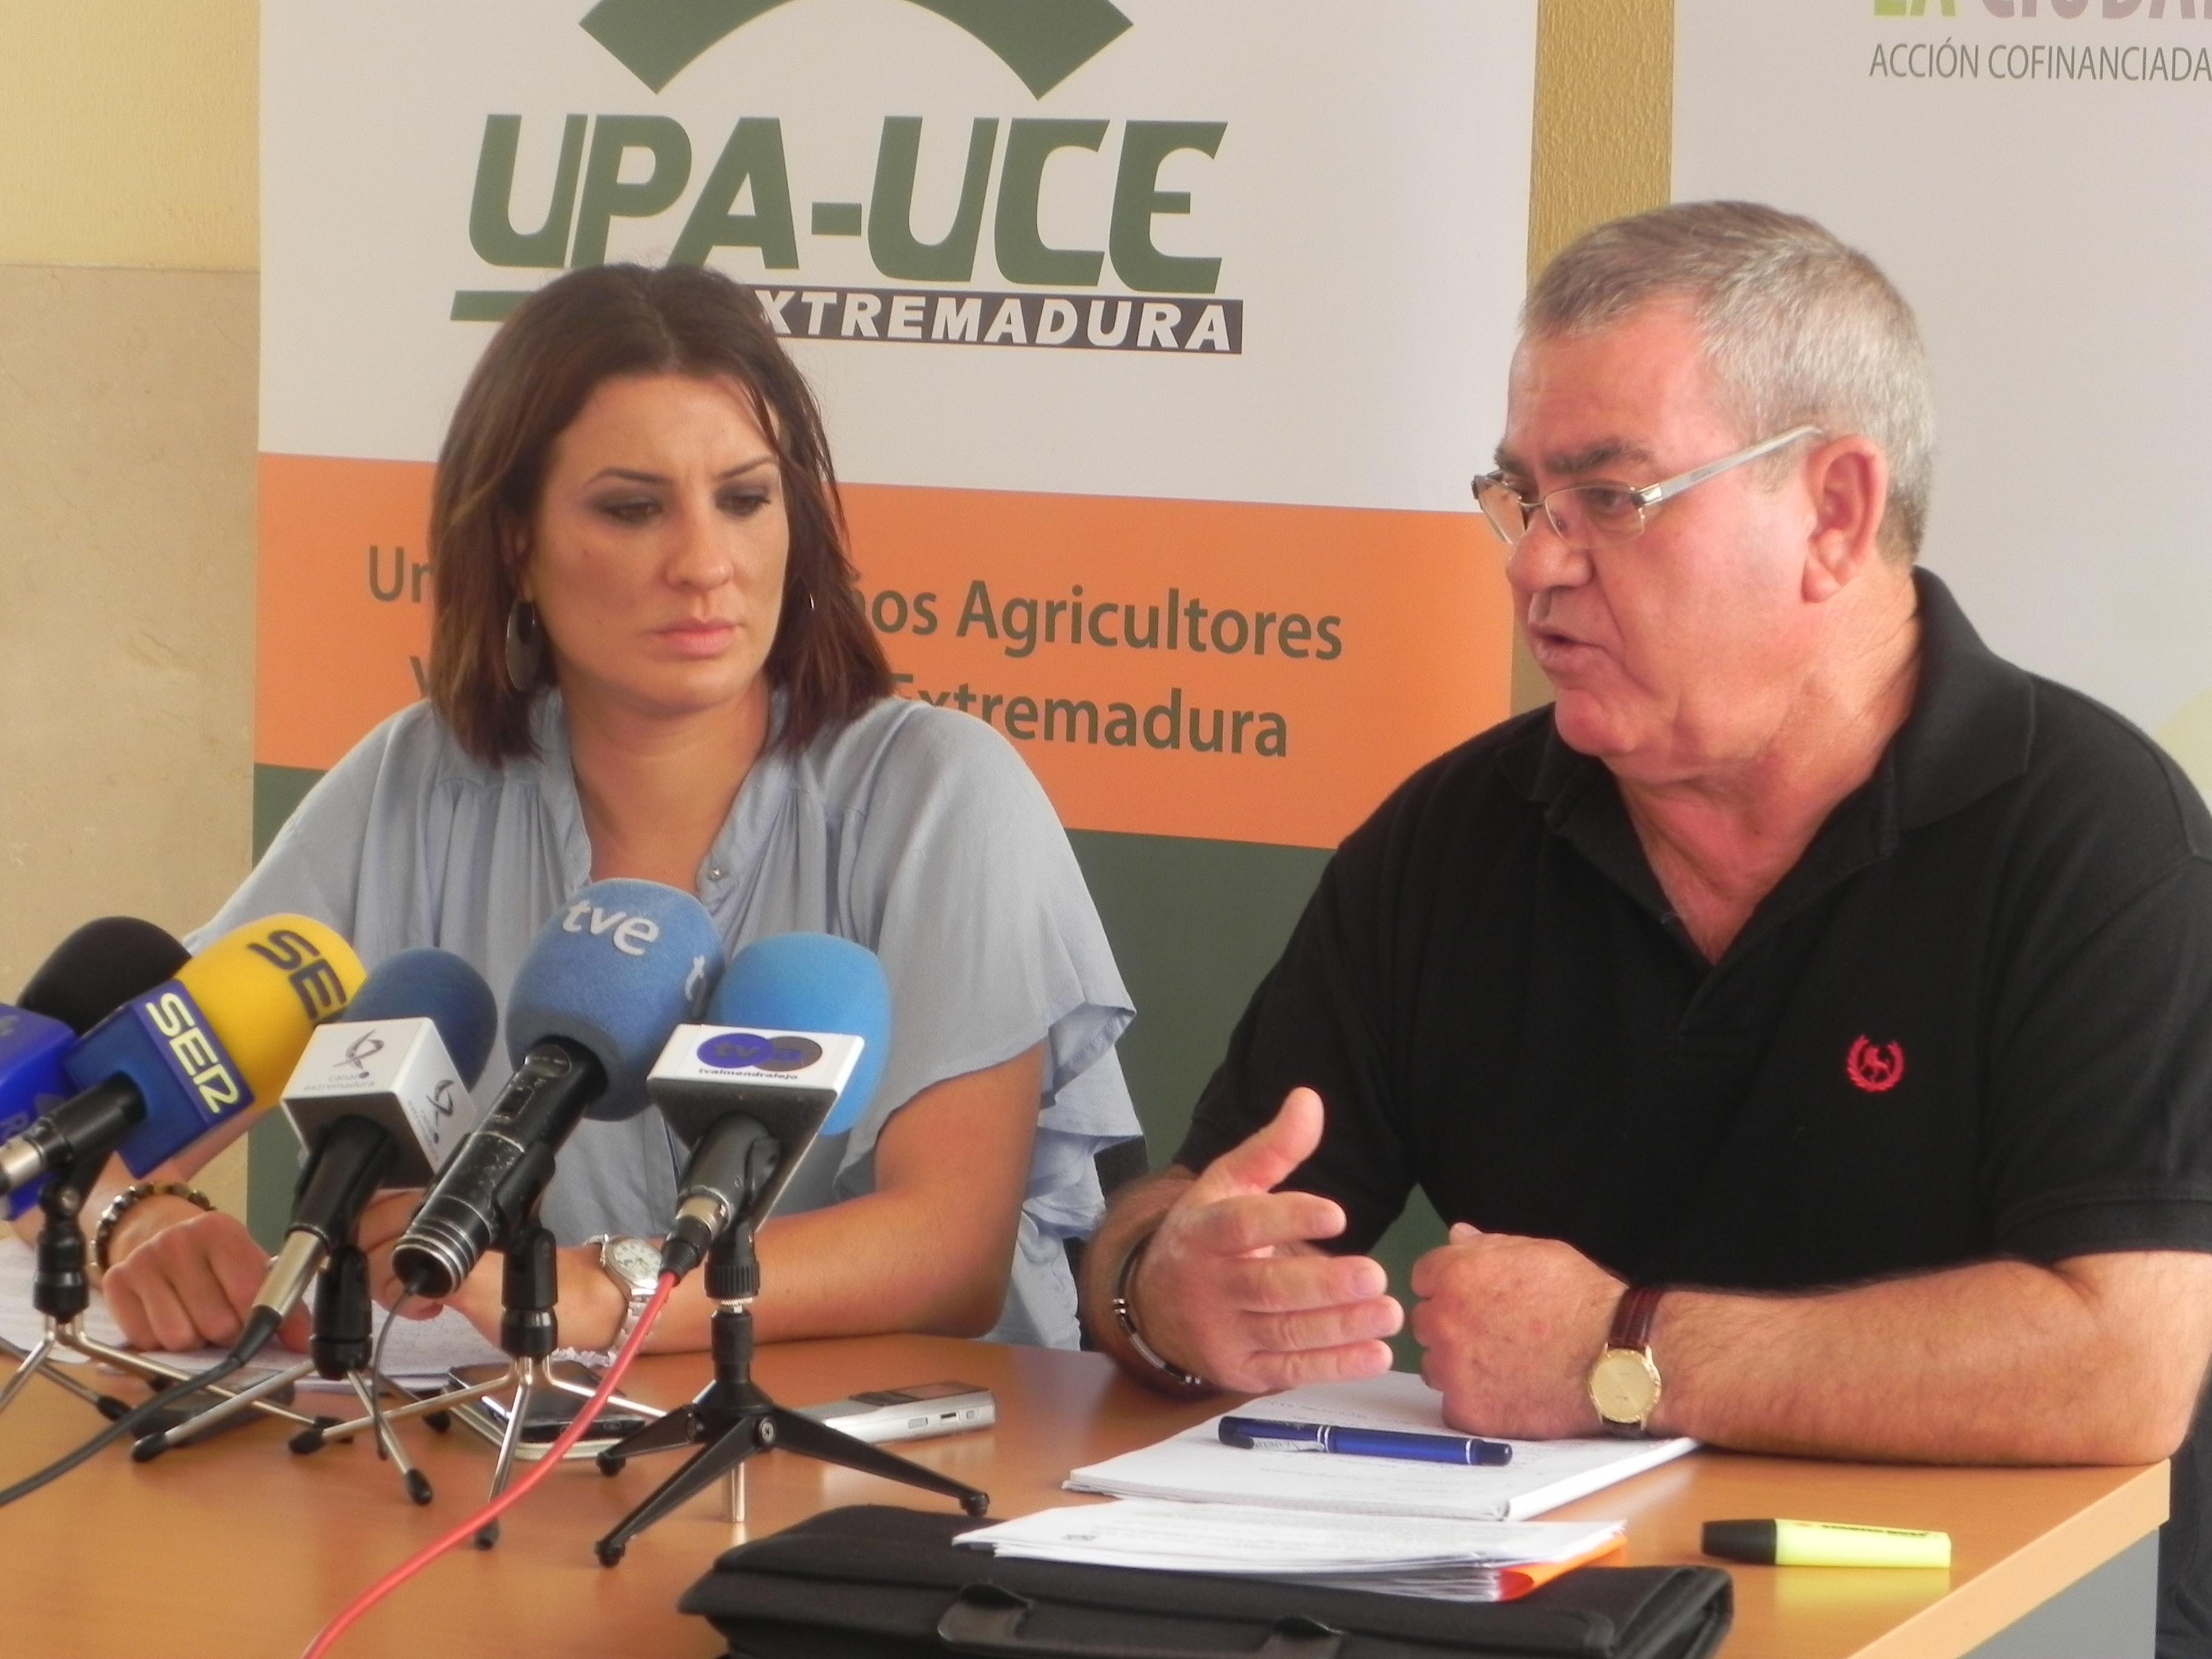 UPA-UCE manifiesta que los agricultores y ganaderos de Extremadura están «preocupados» por la nueva PAC